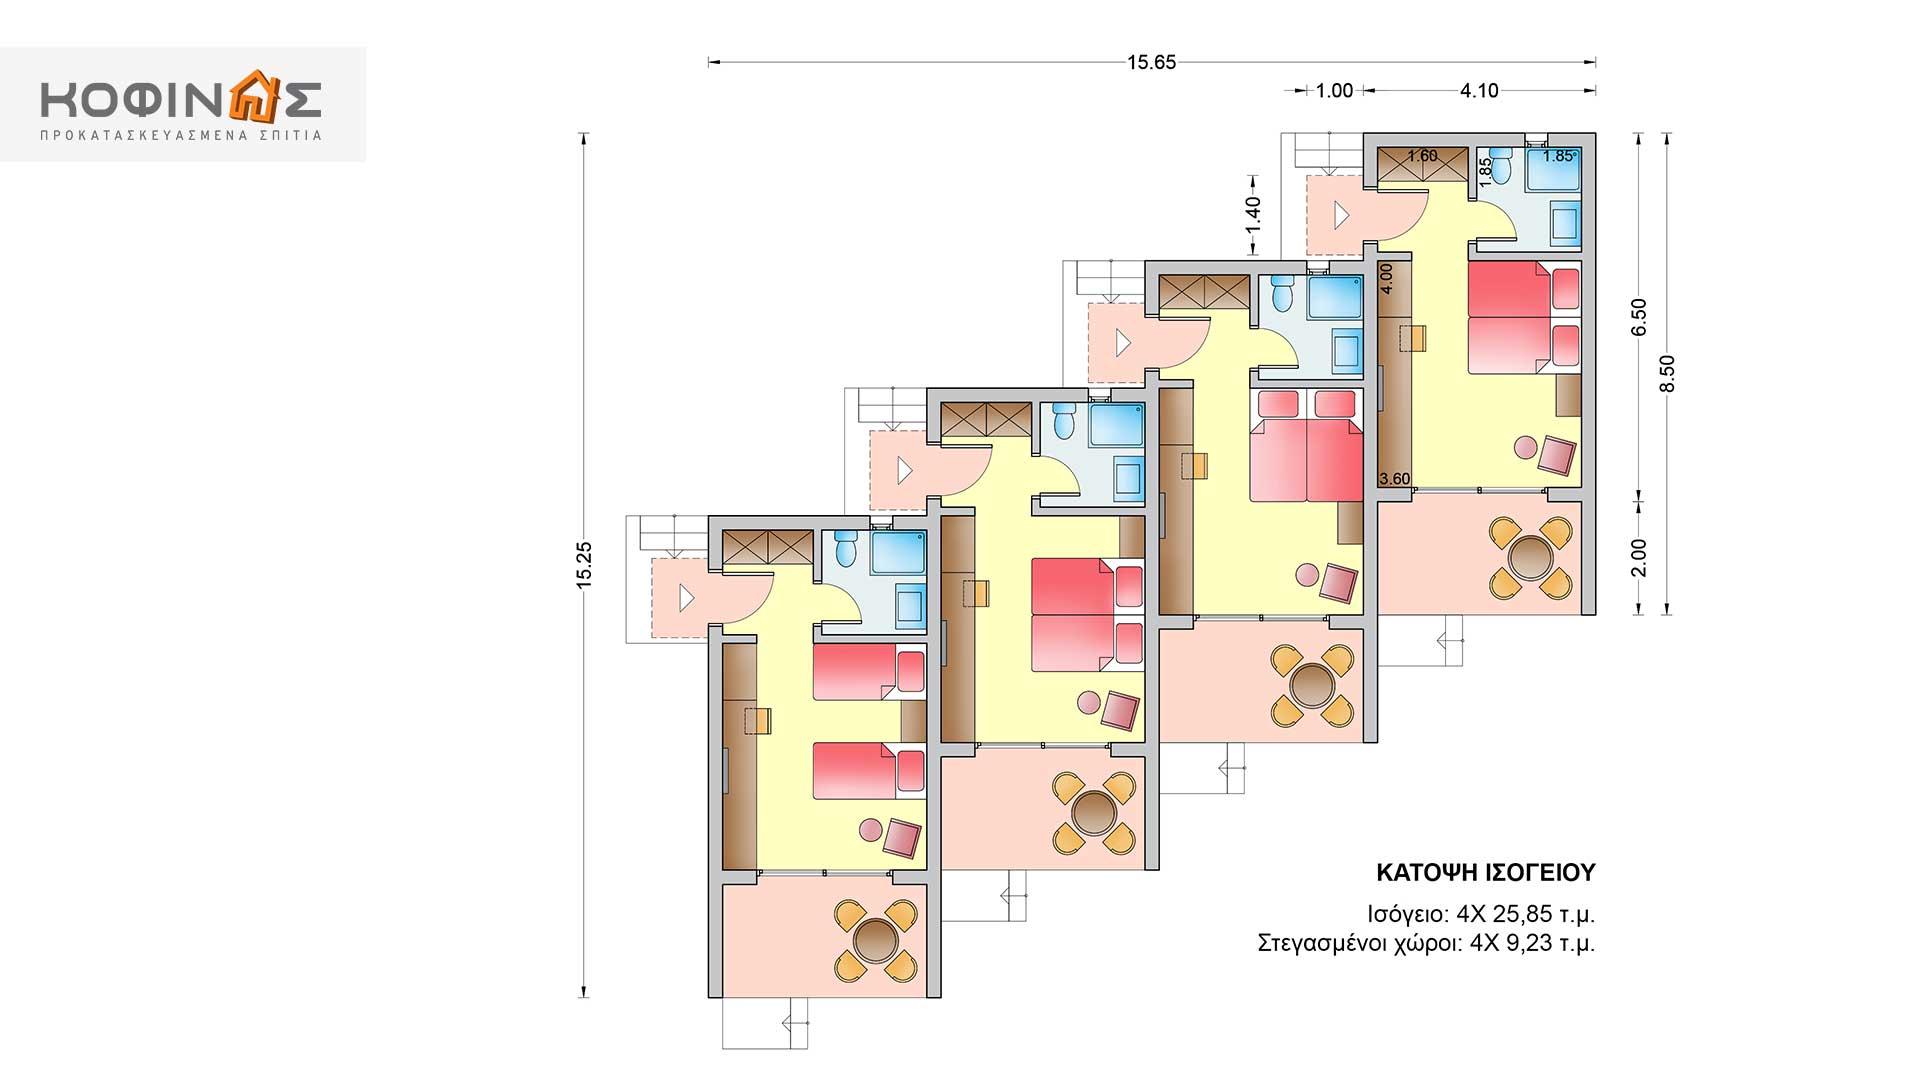 Συγκρότημα Κατοικιών E-25b, συνολικής επιφάνειας 4 x 25,85 = 103,40 τ.μ.